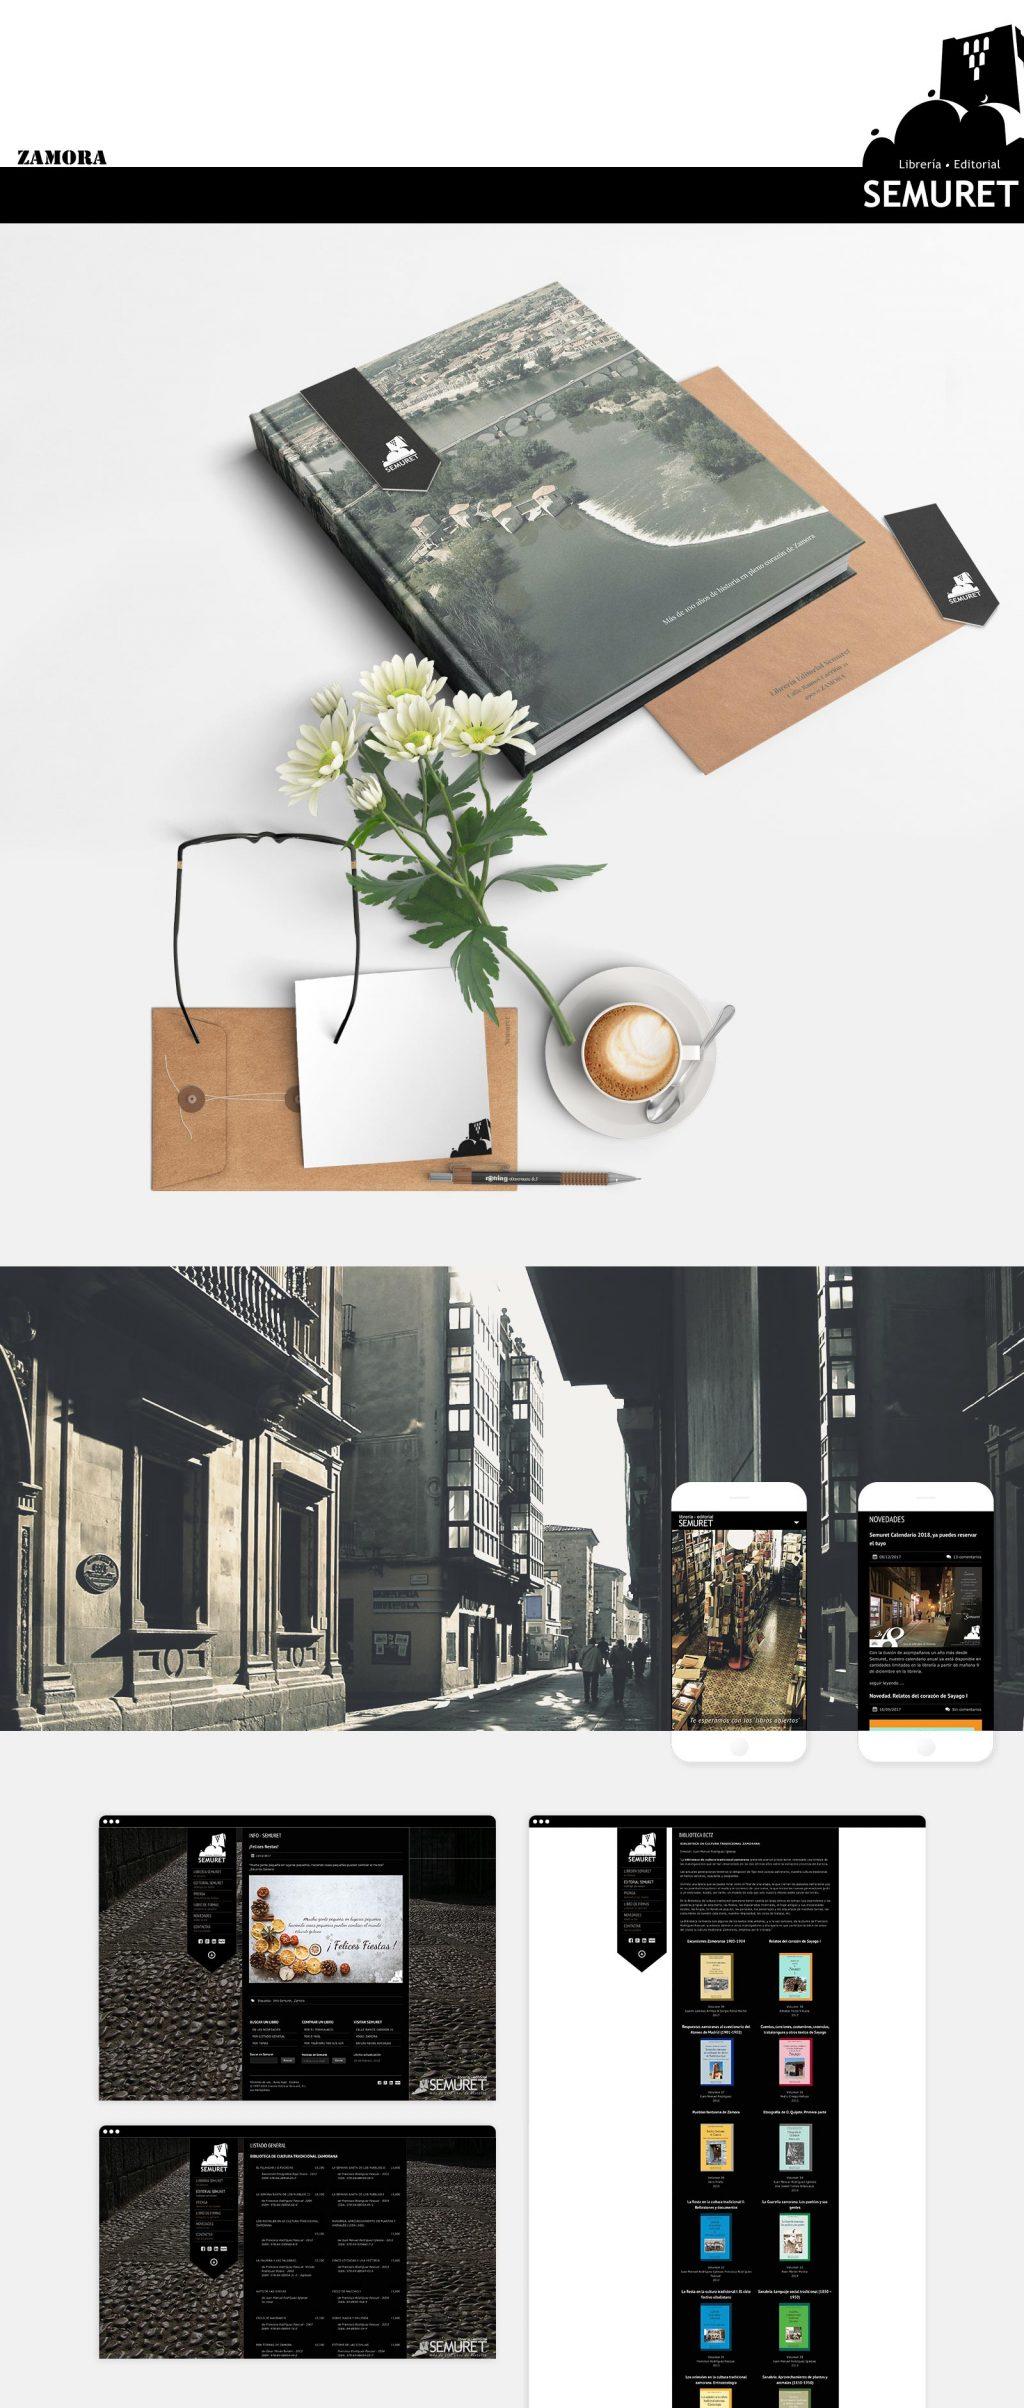 branding identidad corporativa sitio web librería editorial Semuret Zamora HenkaWebs Henka Arquitectos